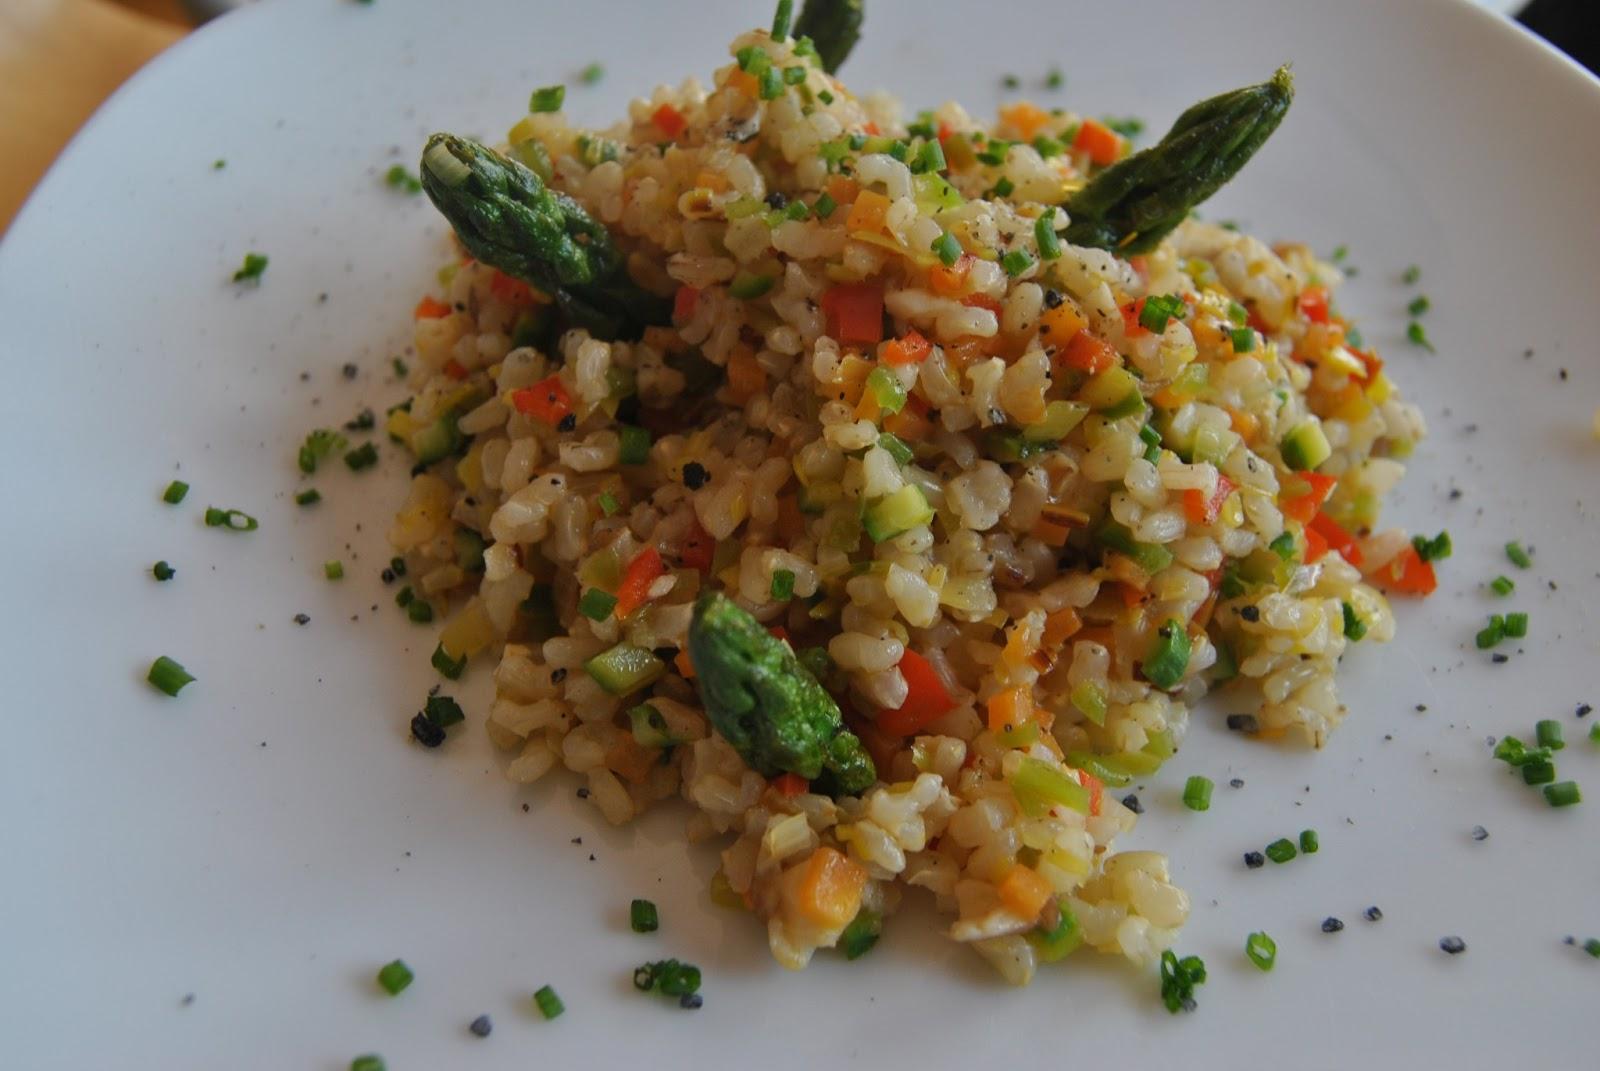 Chapucillas en la cocina salteado de arroz integral con - Salteado de arroz ...